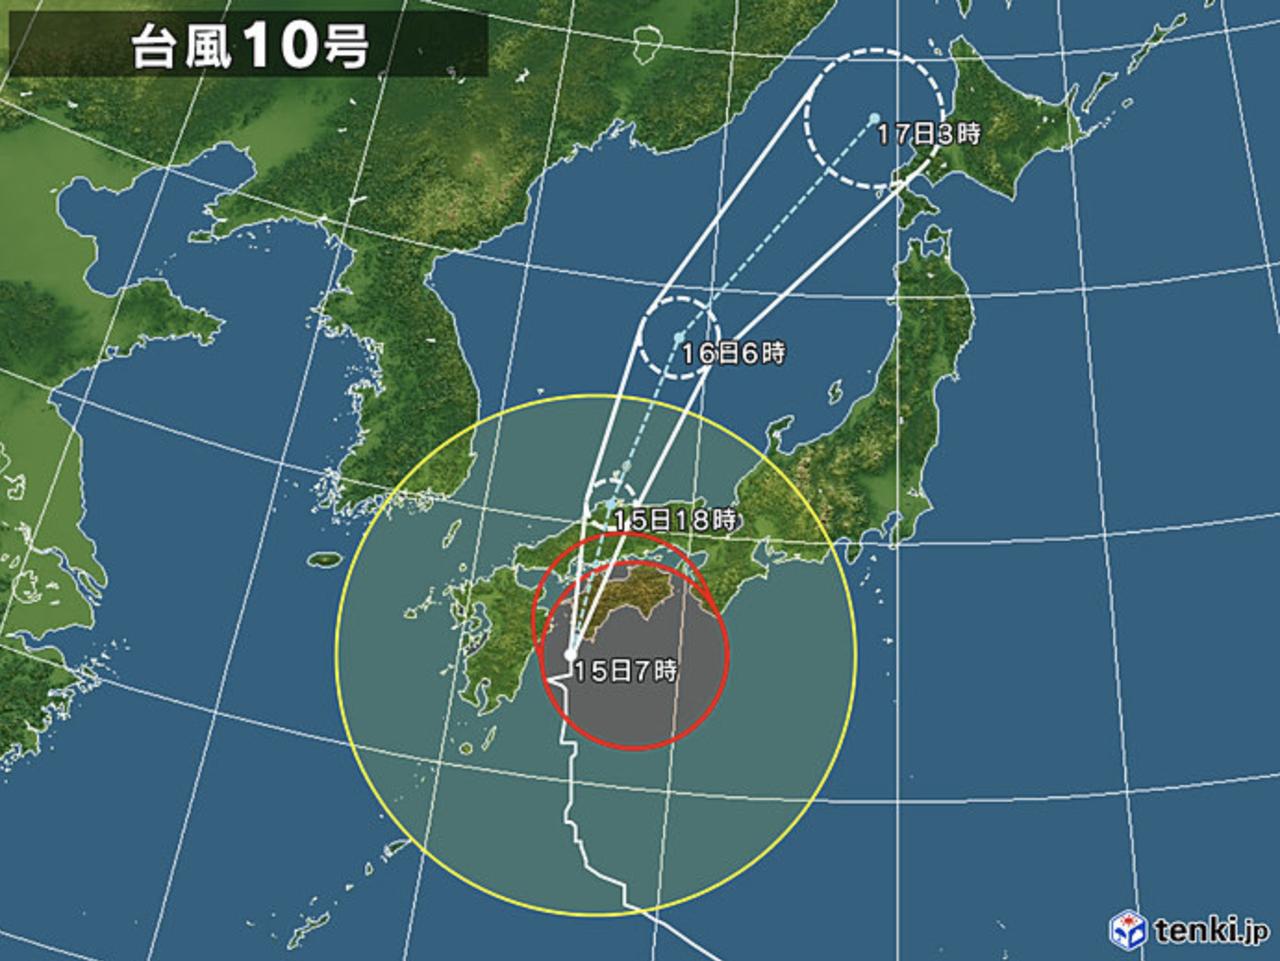 台風 10 号 の 進路 は